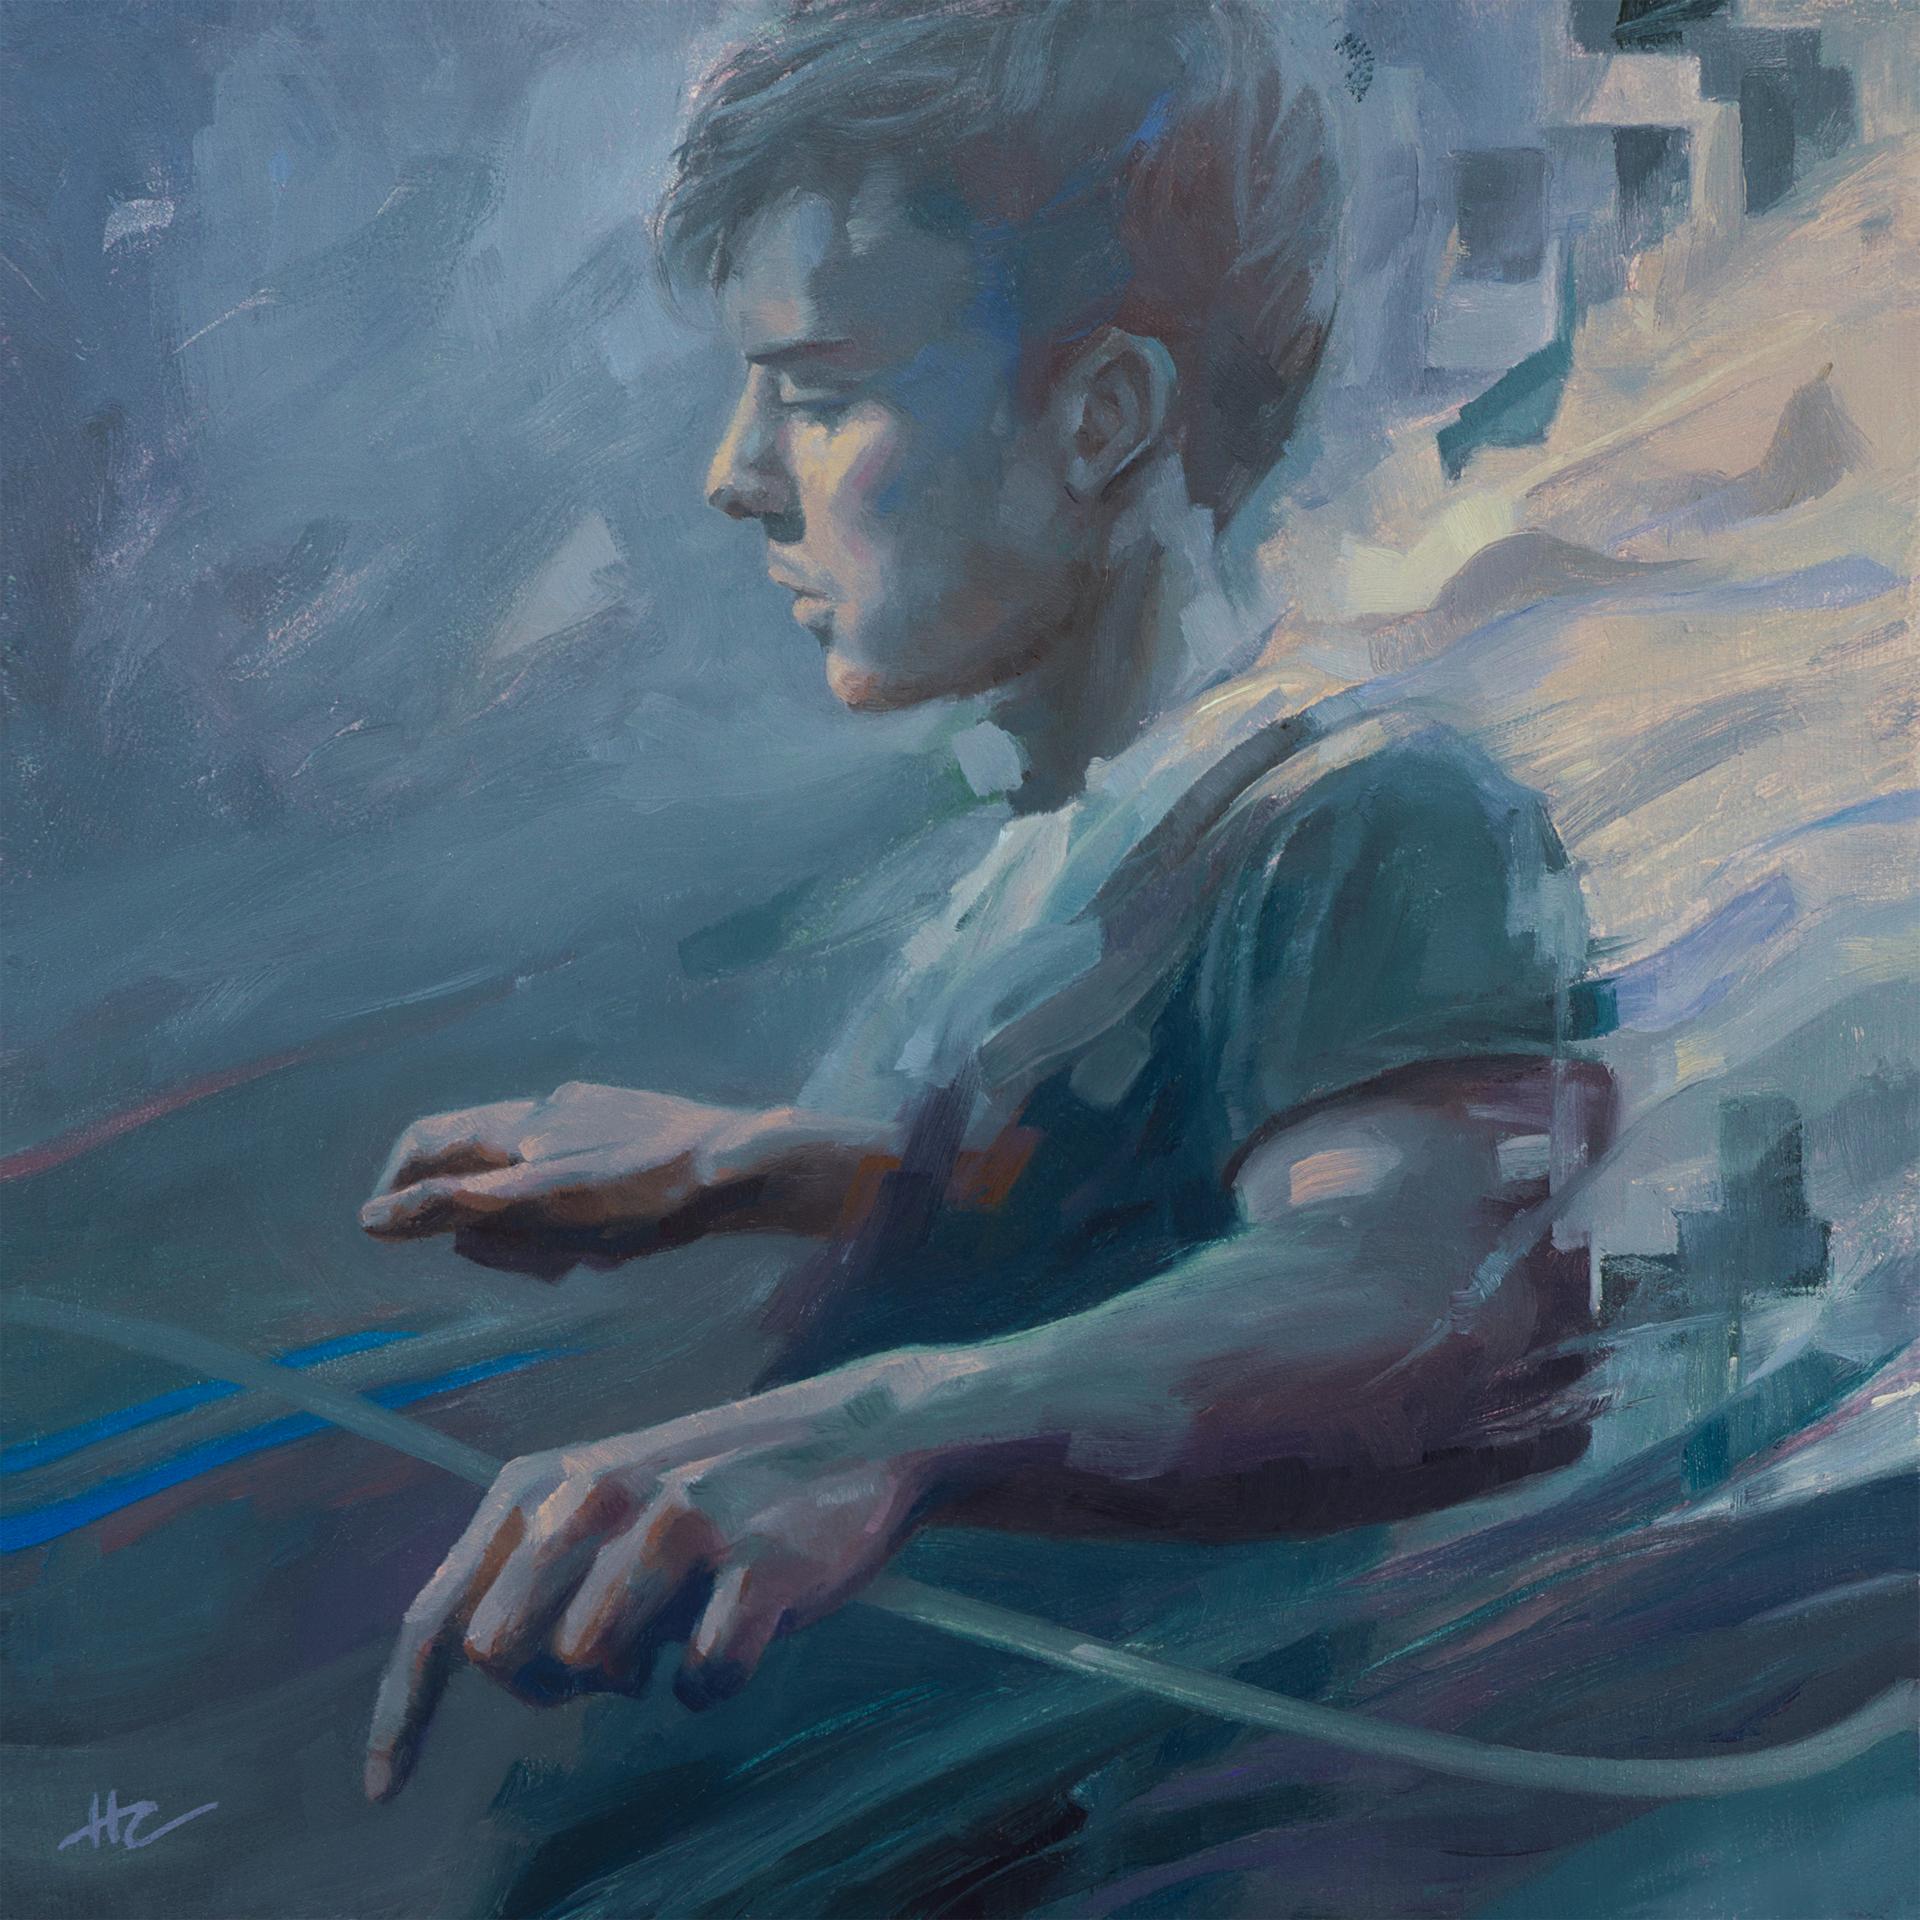 Deeper by Far by Hilary Clarcq